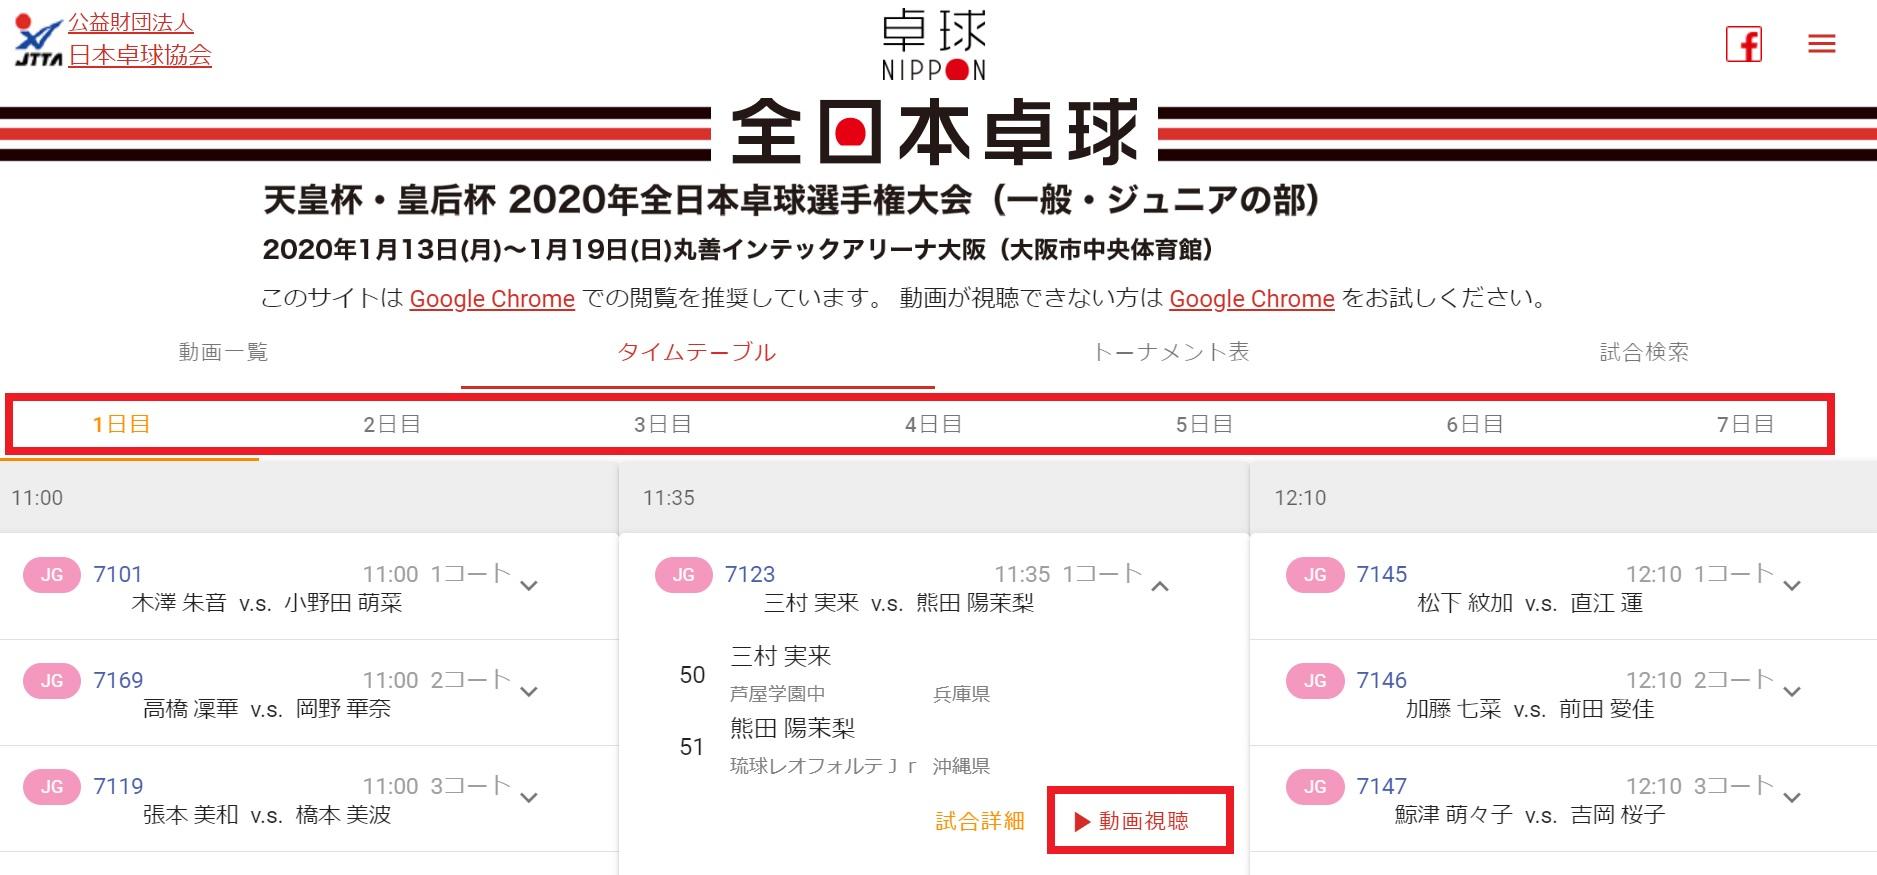 全日本卓球選手権_大会公式サイト_タイムテーブル